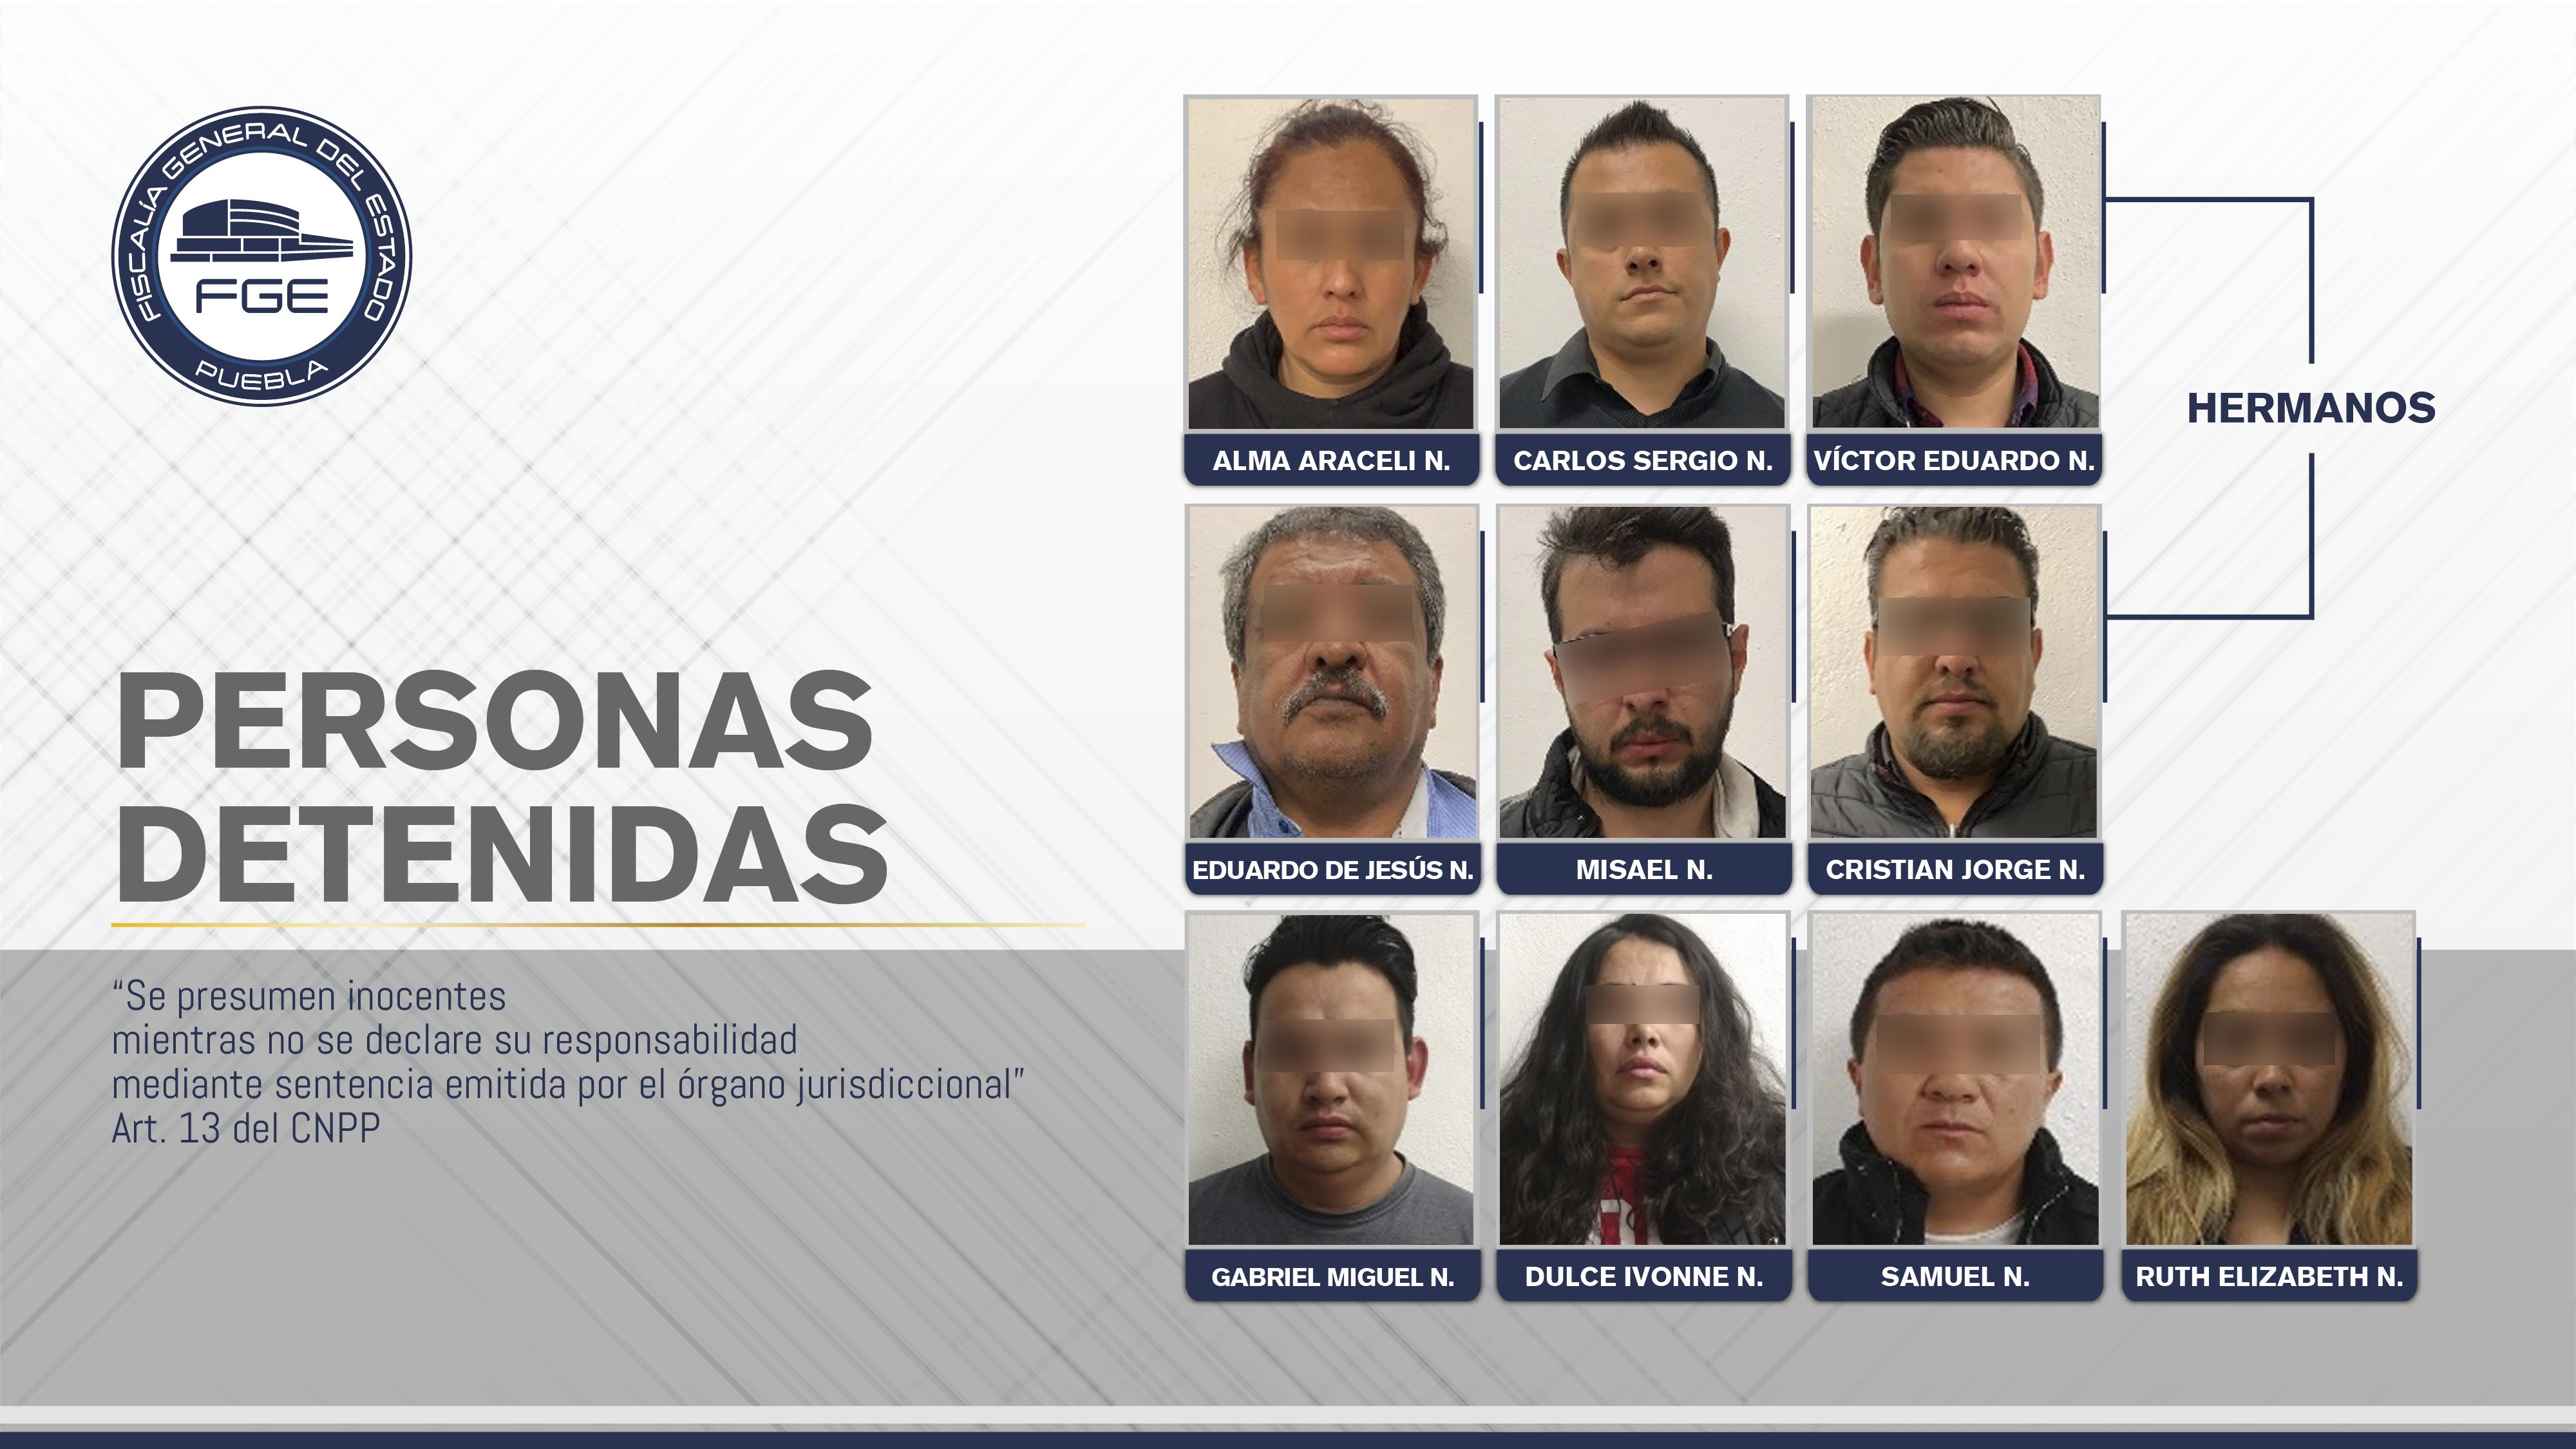 La Fiscalía de Puebla realizó cateos y detuvo a 10 personas